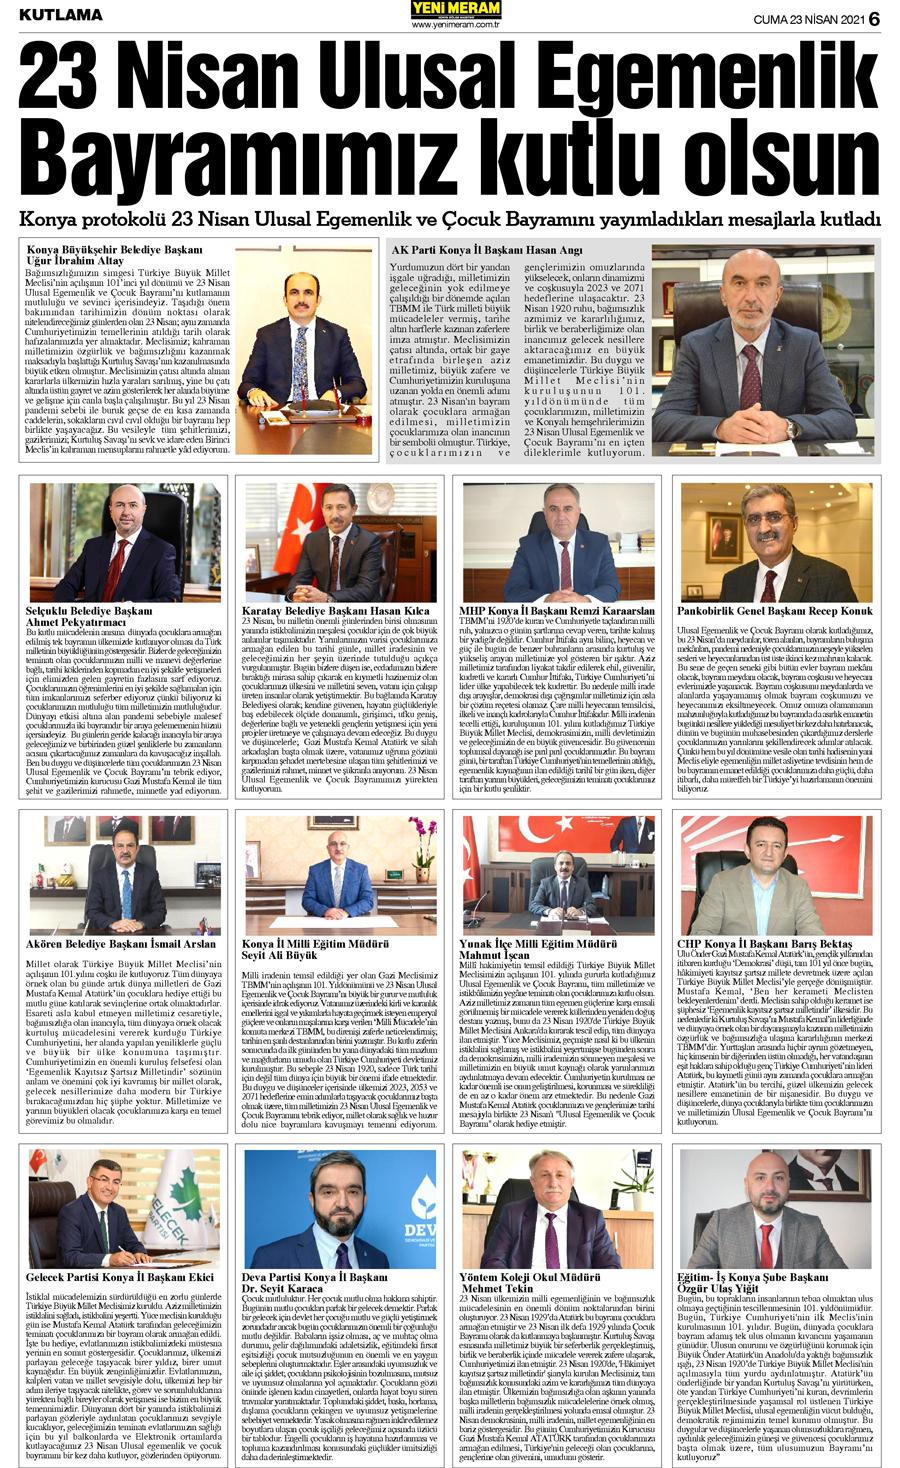 23 Nisan 2021 Yeni Meram Gazetesi